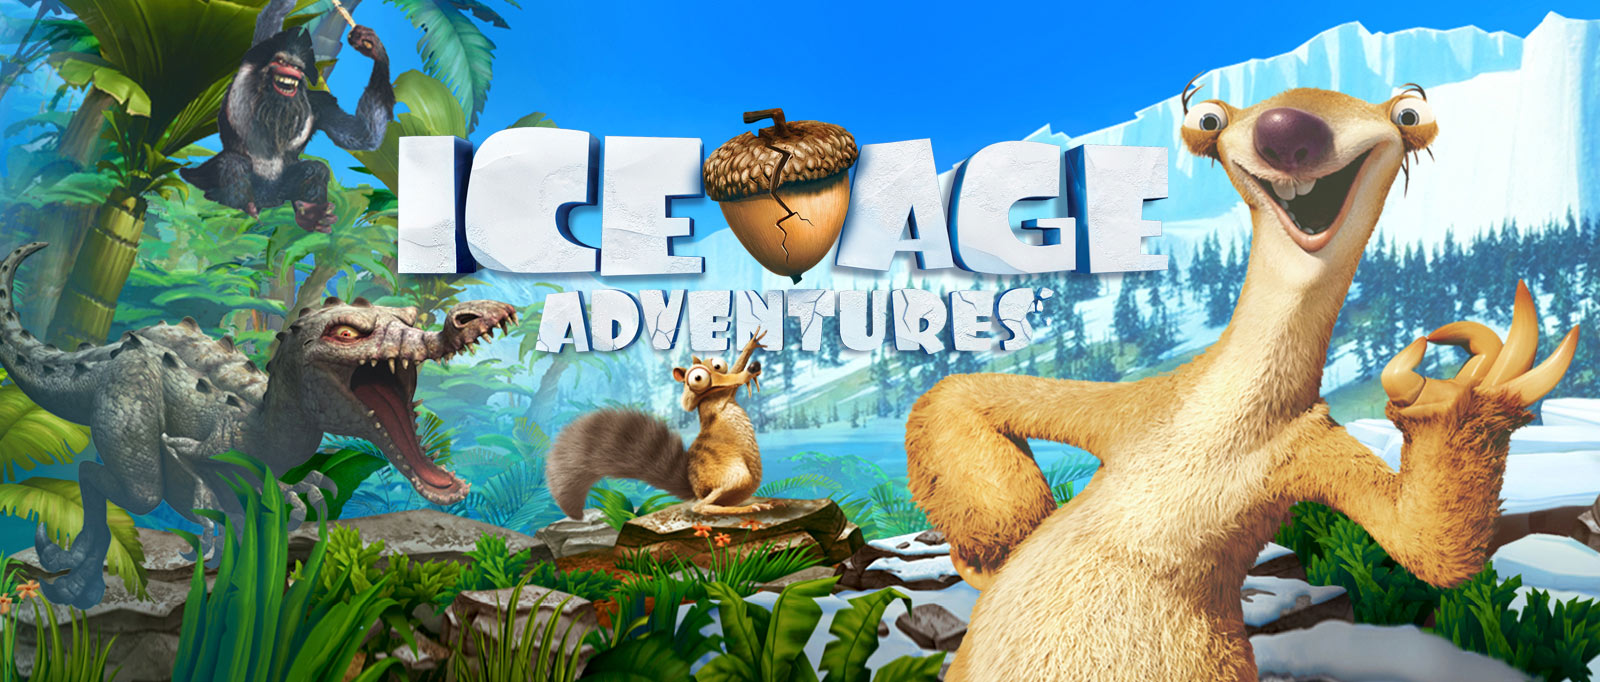 ICE AGE: SCRAT-VENTURES